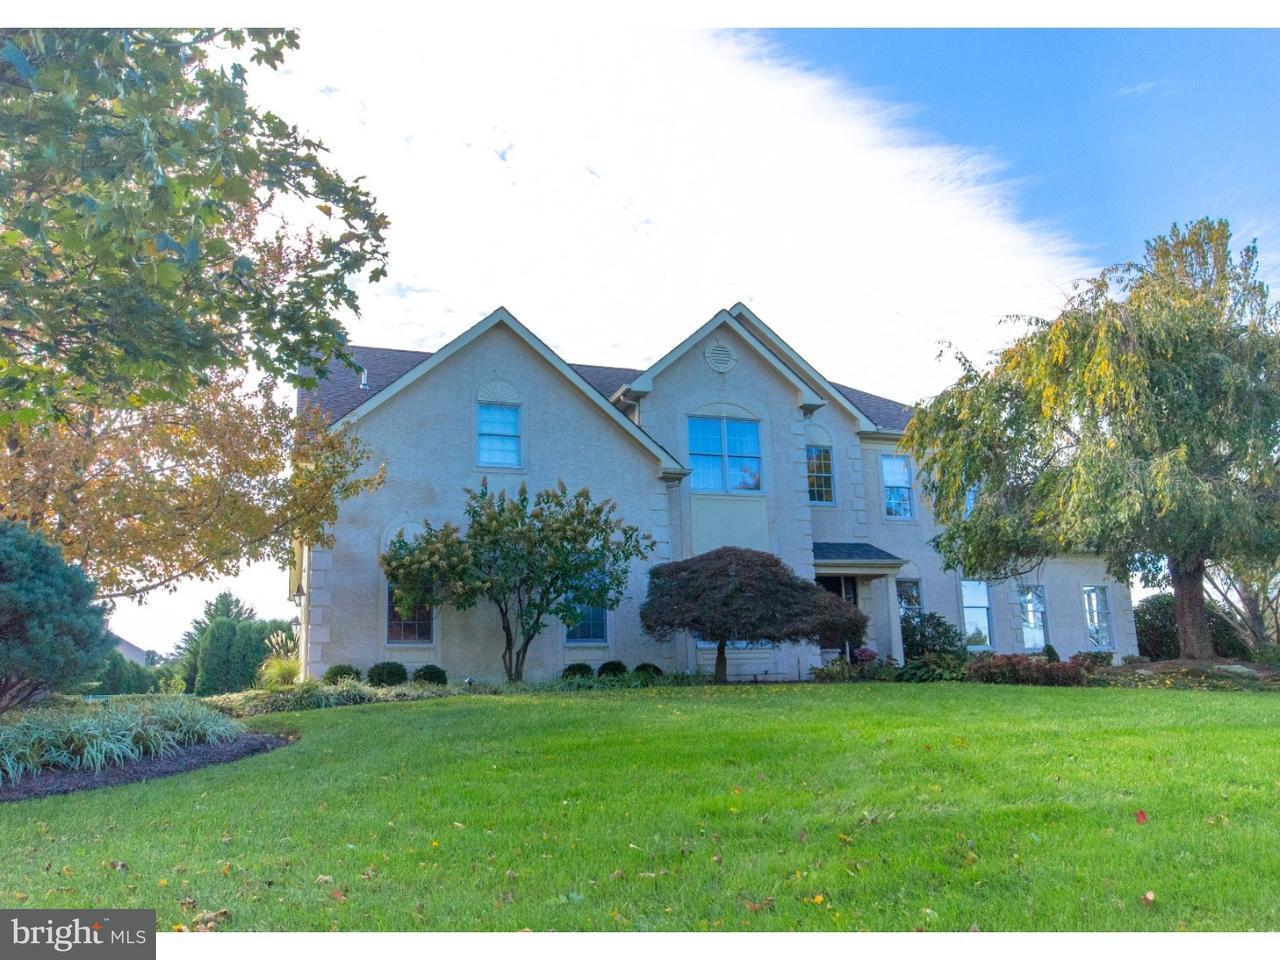 Частный односемейный дом для того Продажа на 243 AMERICAN Drive Richboro, Пенсильвания 18954 Соединенные Штаты